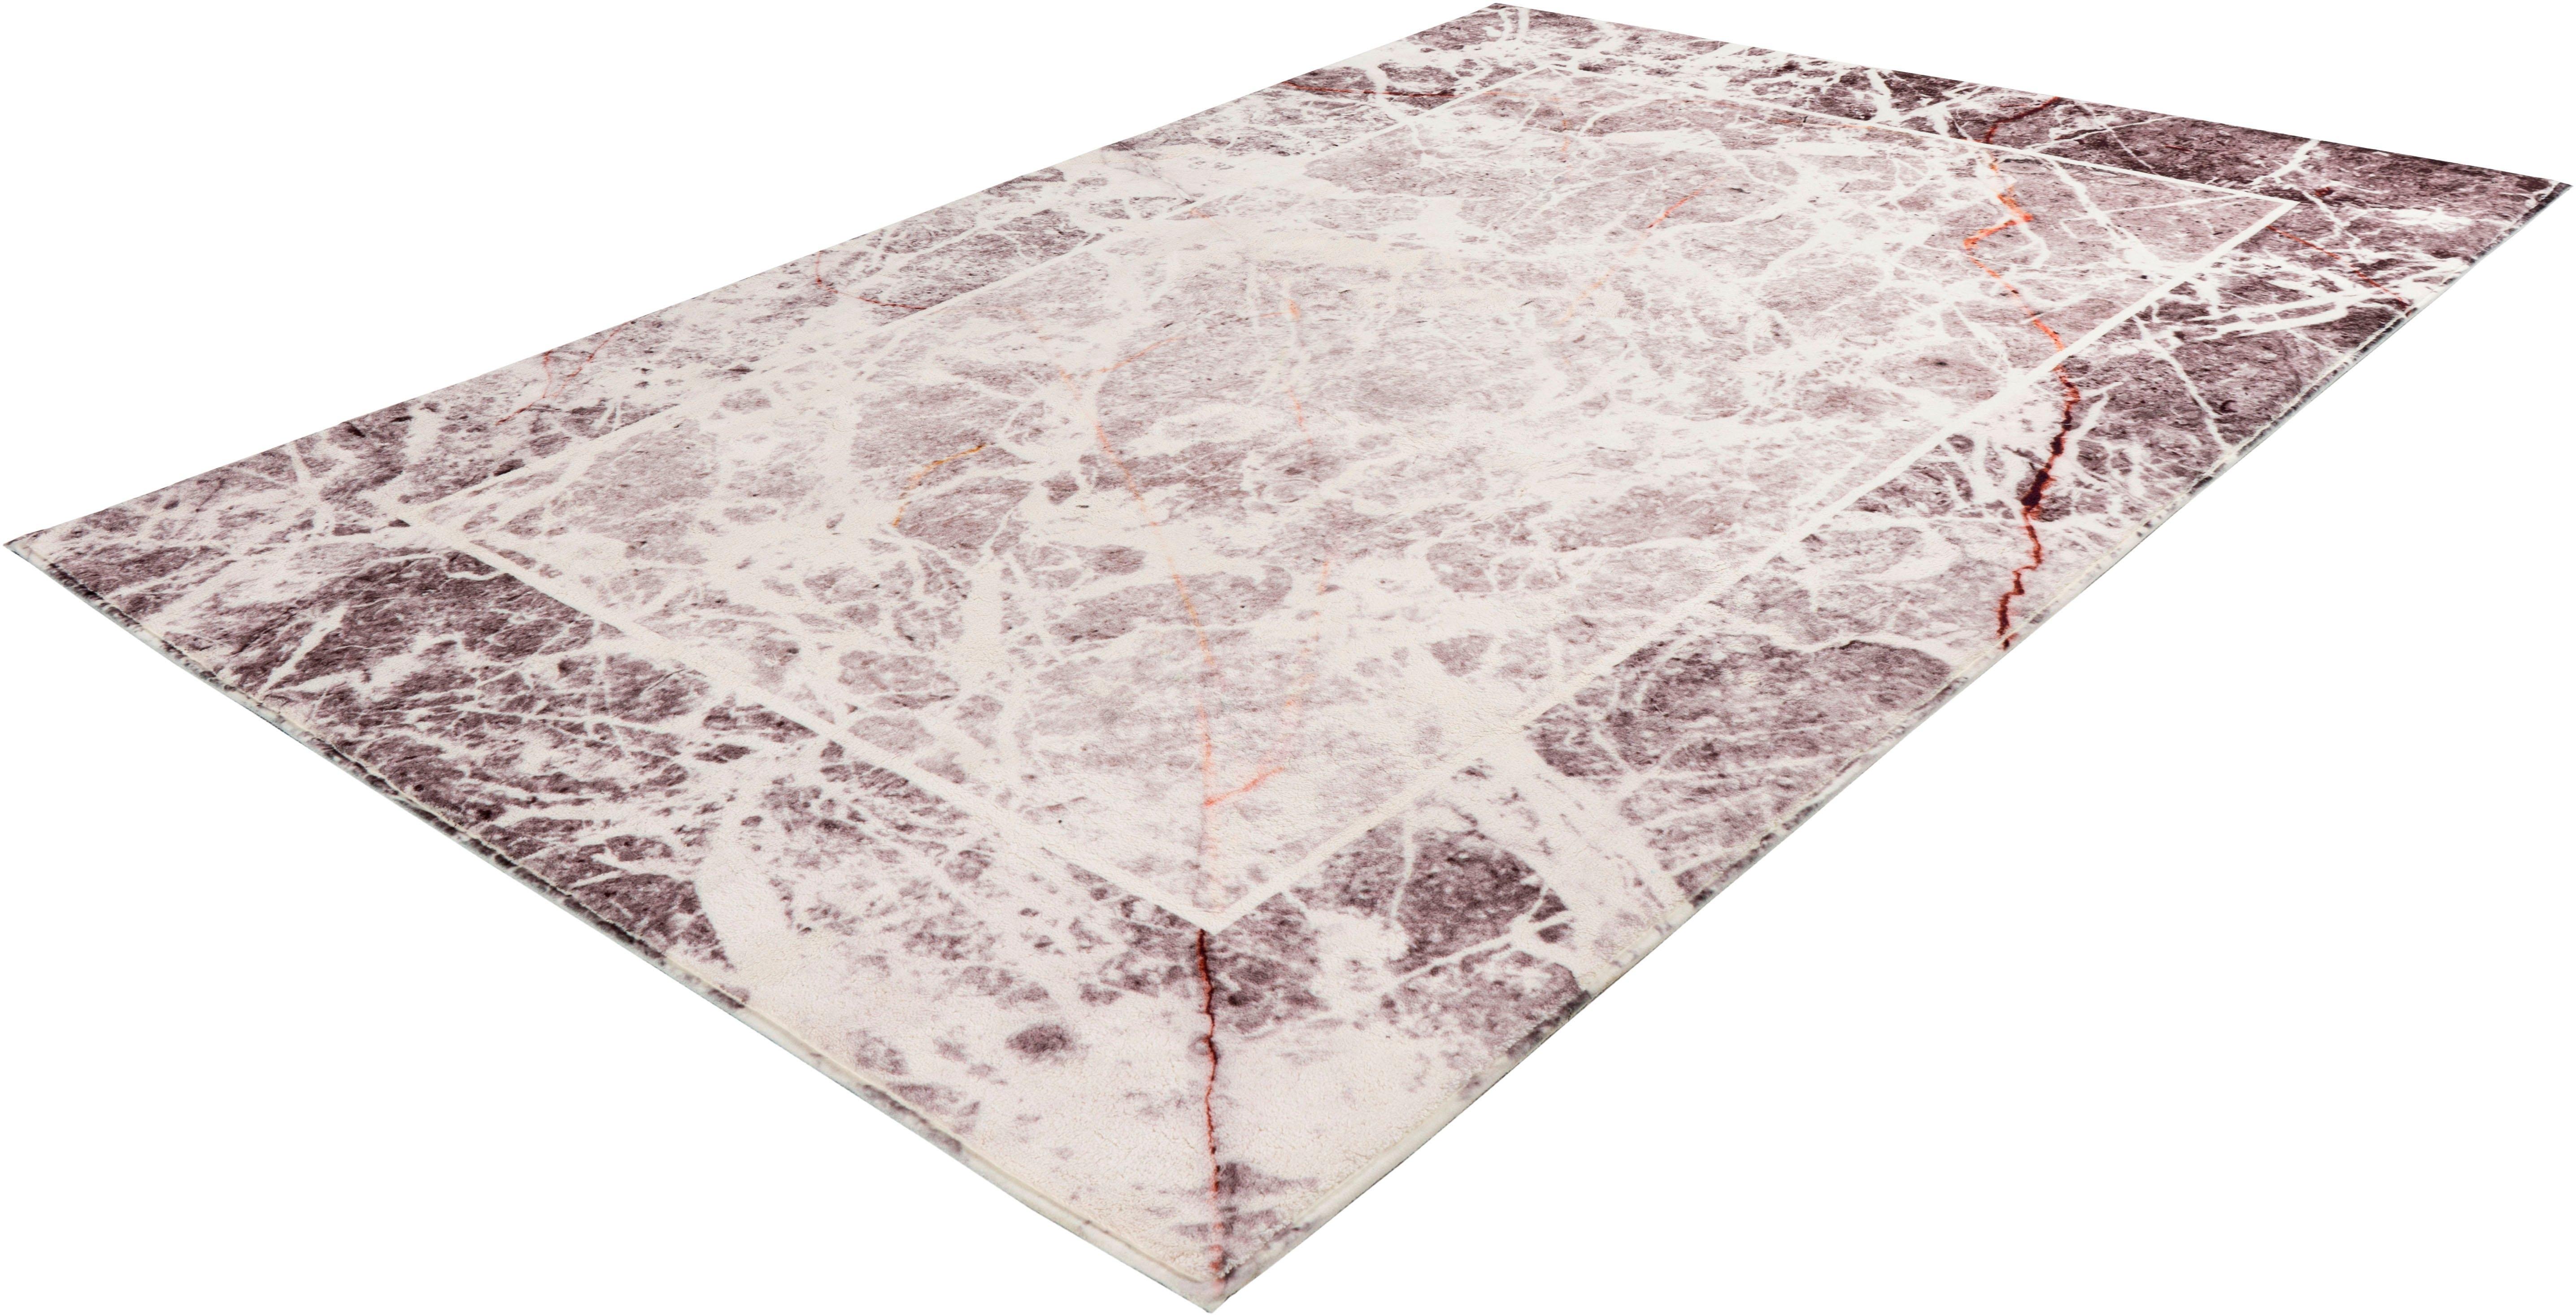 Obsession Vloerkleed Palazzo 273 Marmer-look, woonkamer bij OTTO online kopen